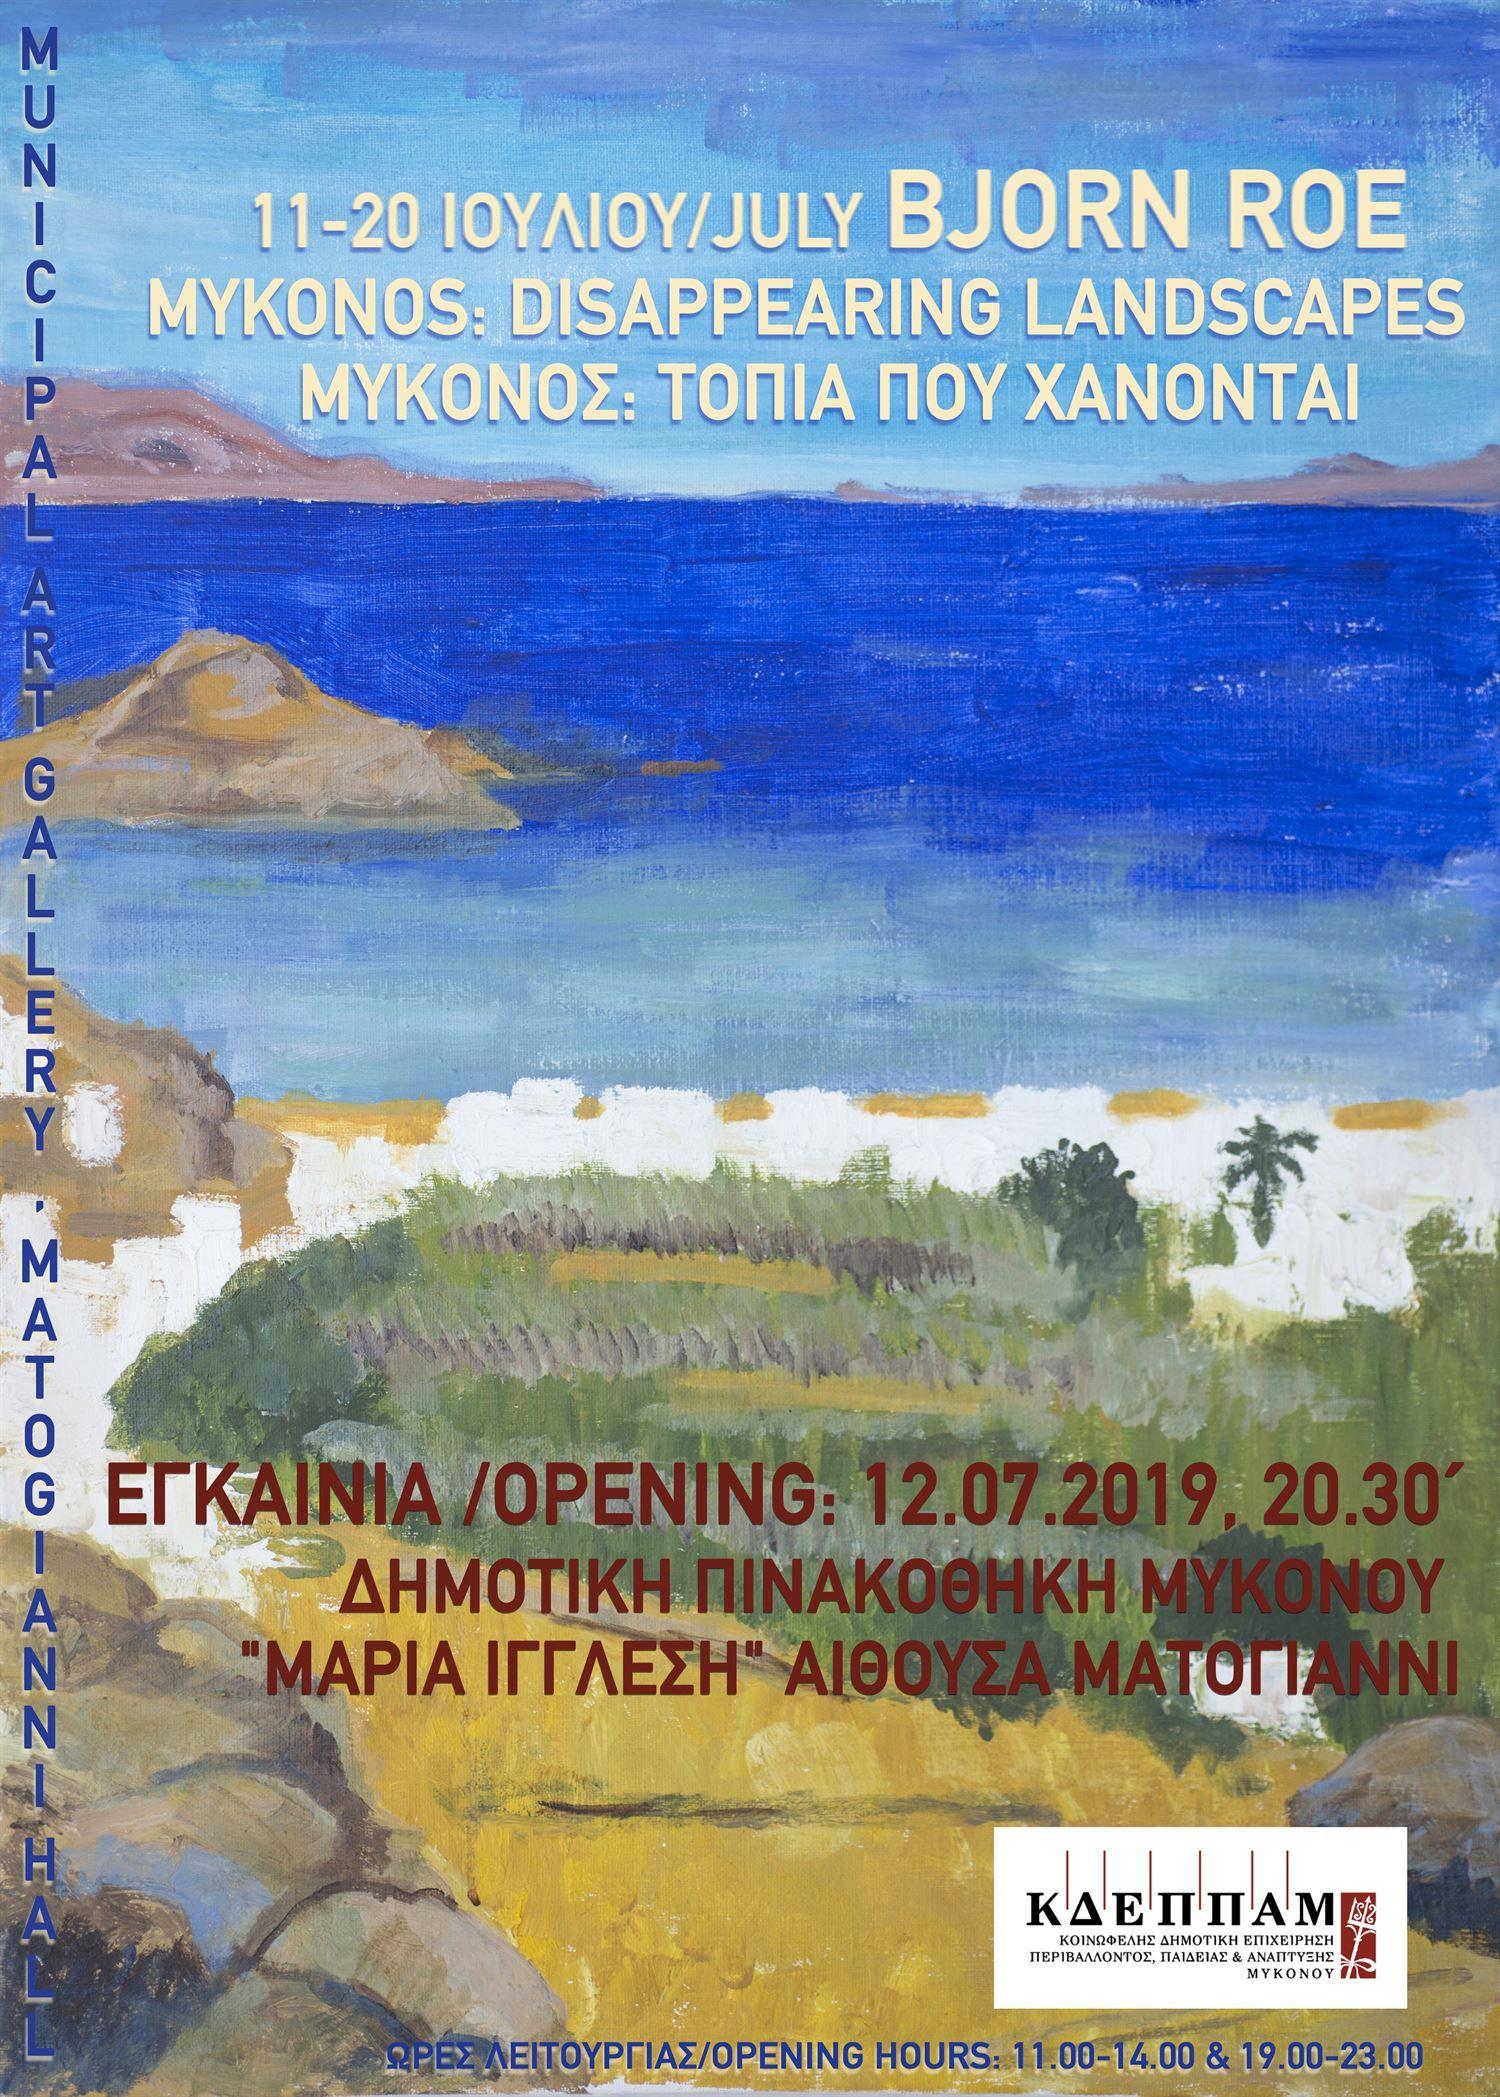 , Τα έργα του Νορβηγο-(Μυκονιάτη) Aρχιτέκτονα Μπιόρν Ροε (Bjørn Røe) στην Δημοτική Πινακοθήκη Μυκόνου